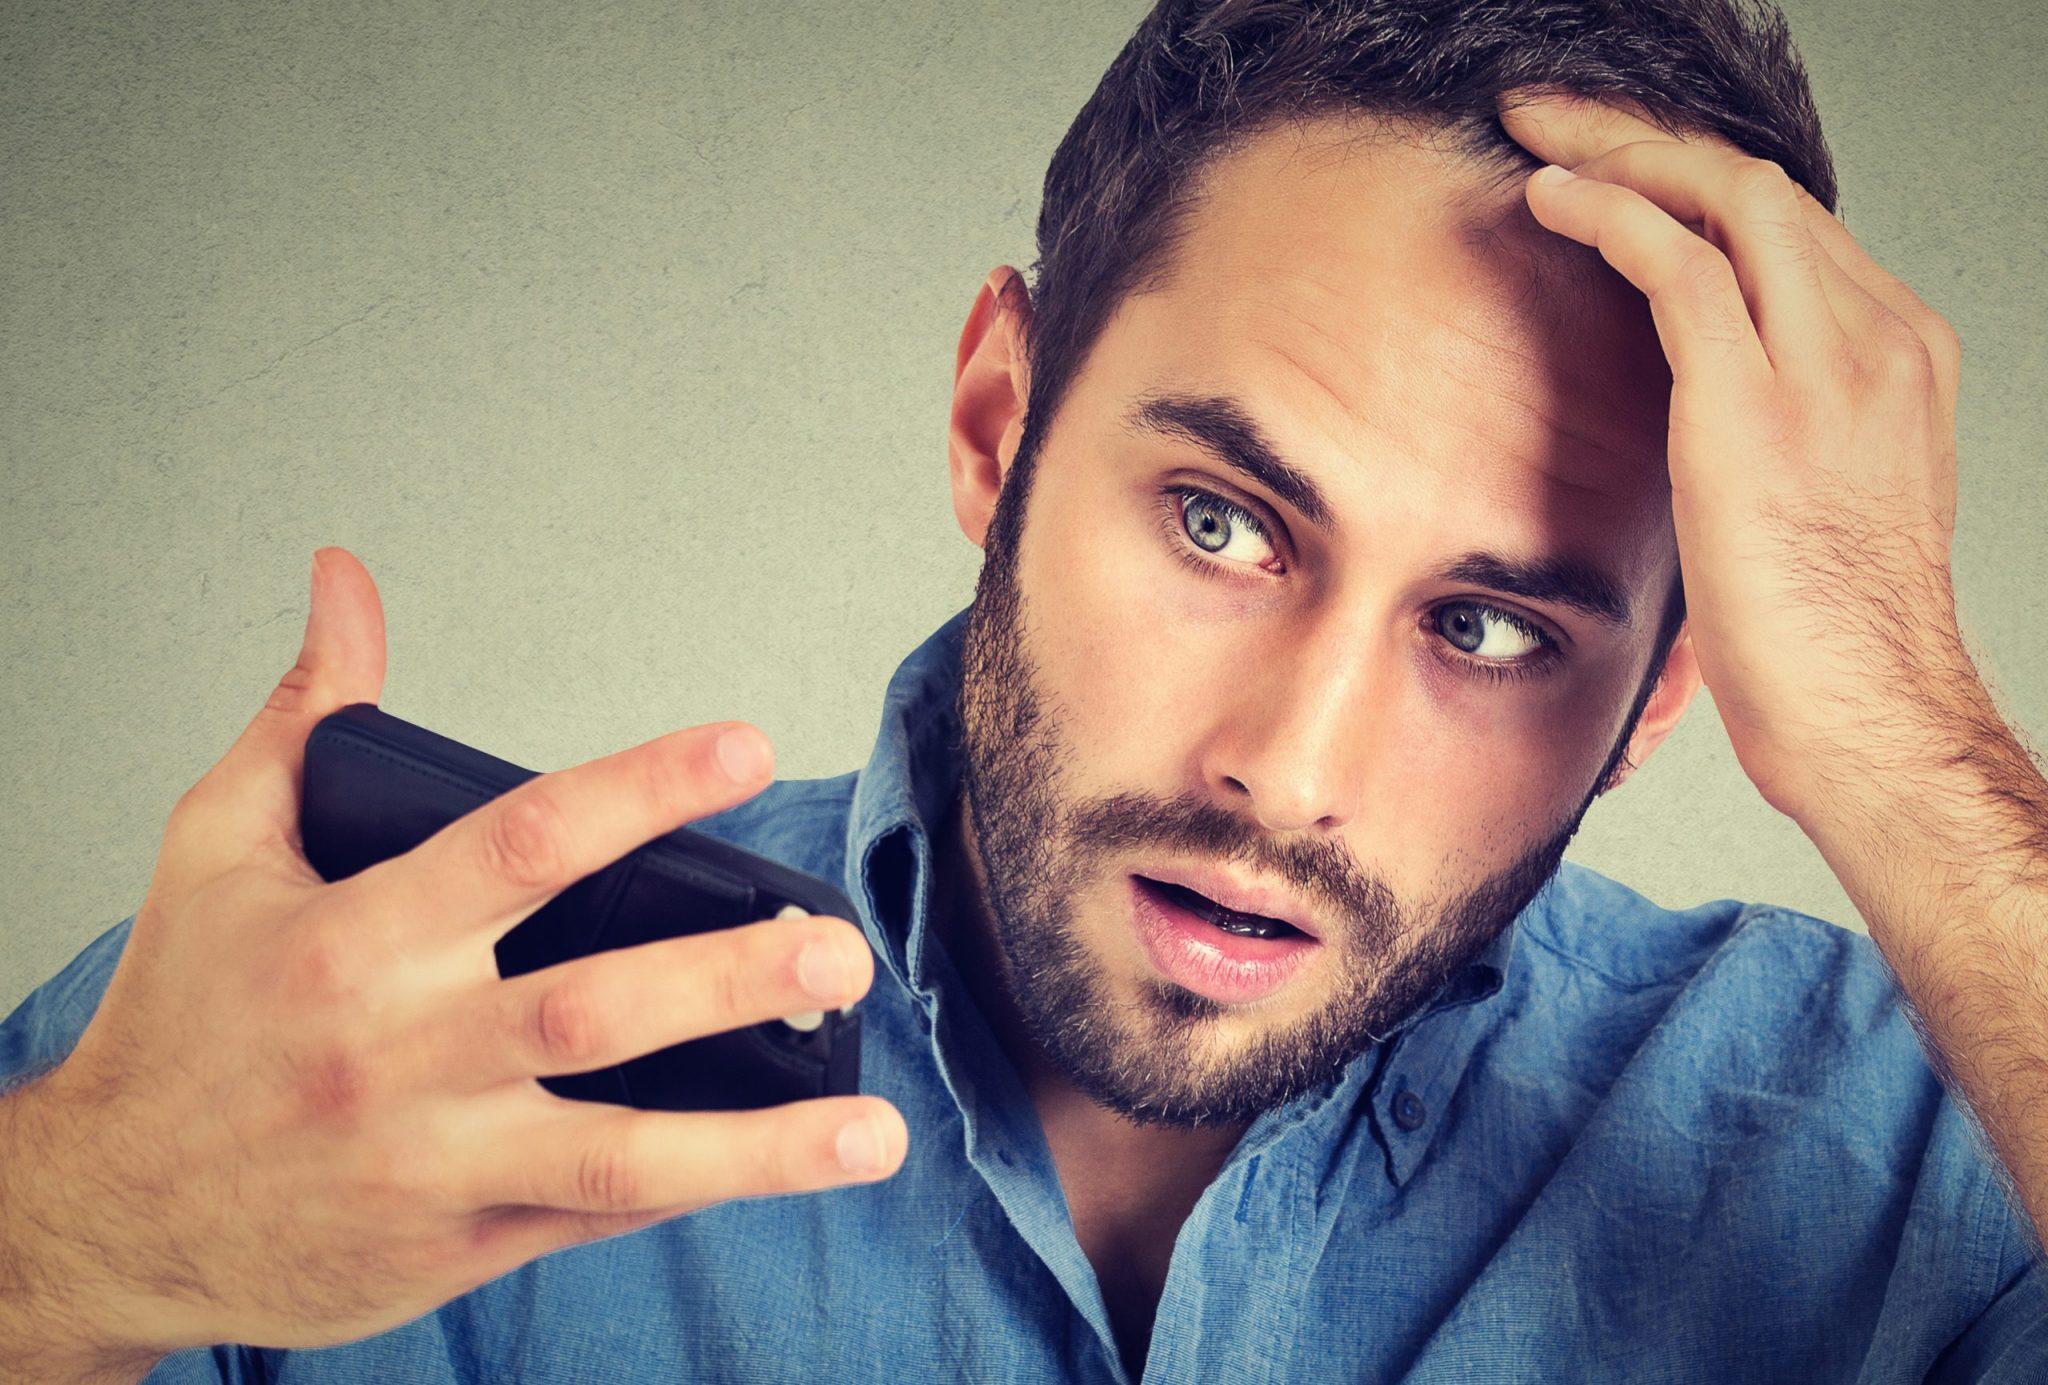 雄性禿-原因-特徵-治療